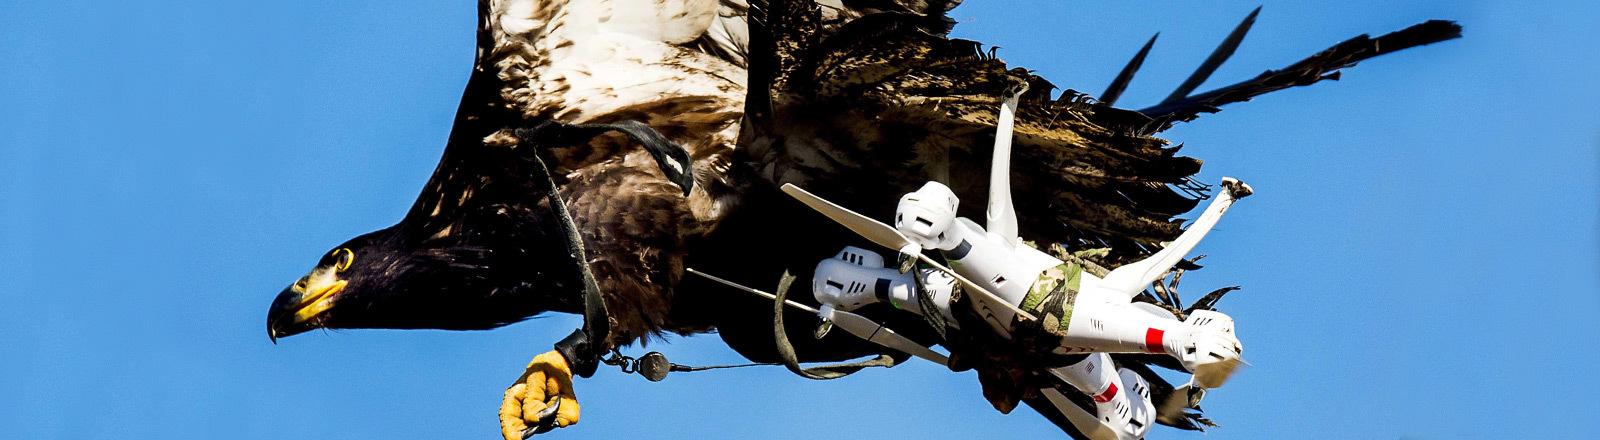 Ein Adler holt eine Drohne aus der Luft.